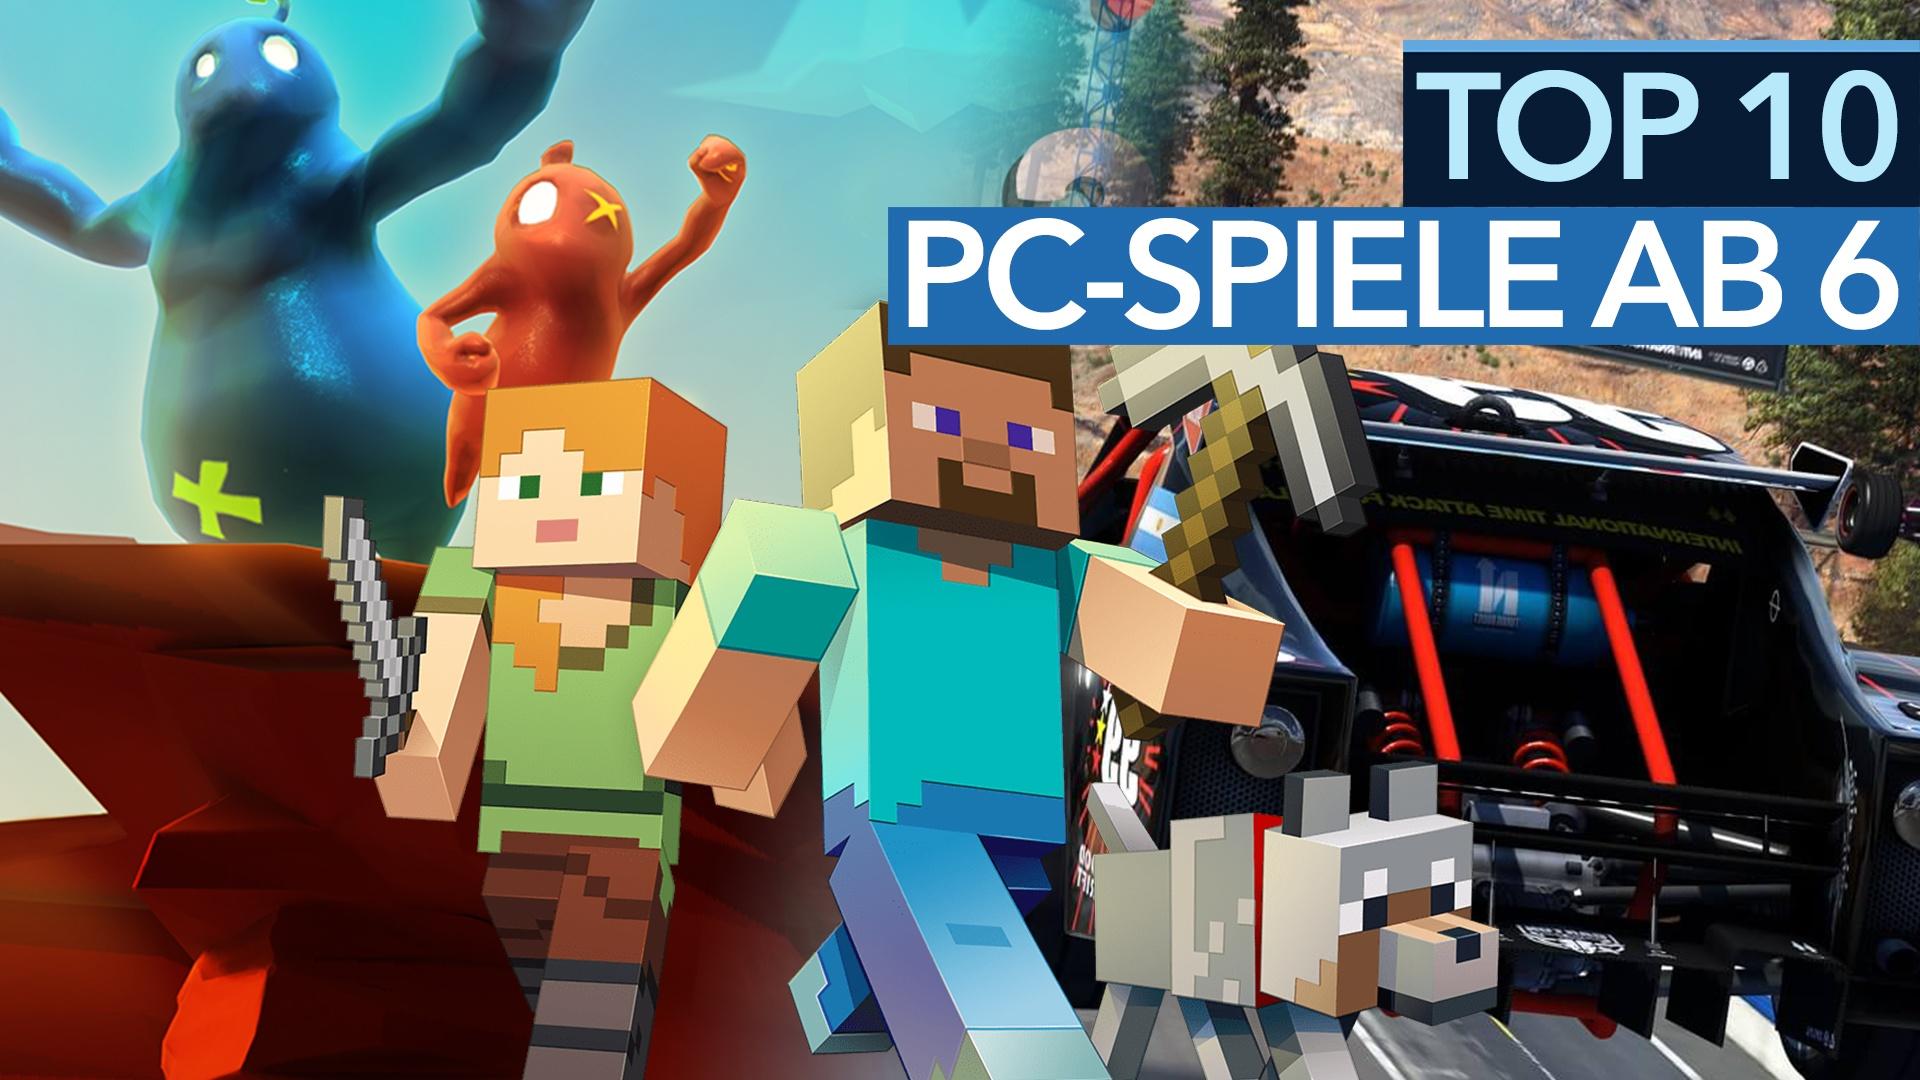 PCSpiele Ab Jahren - Minecraft ps3 auf pc spielen